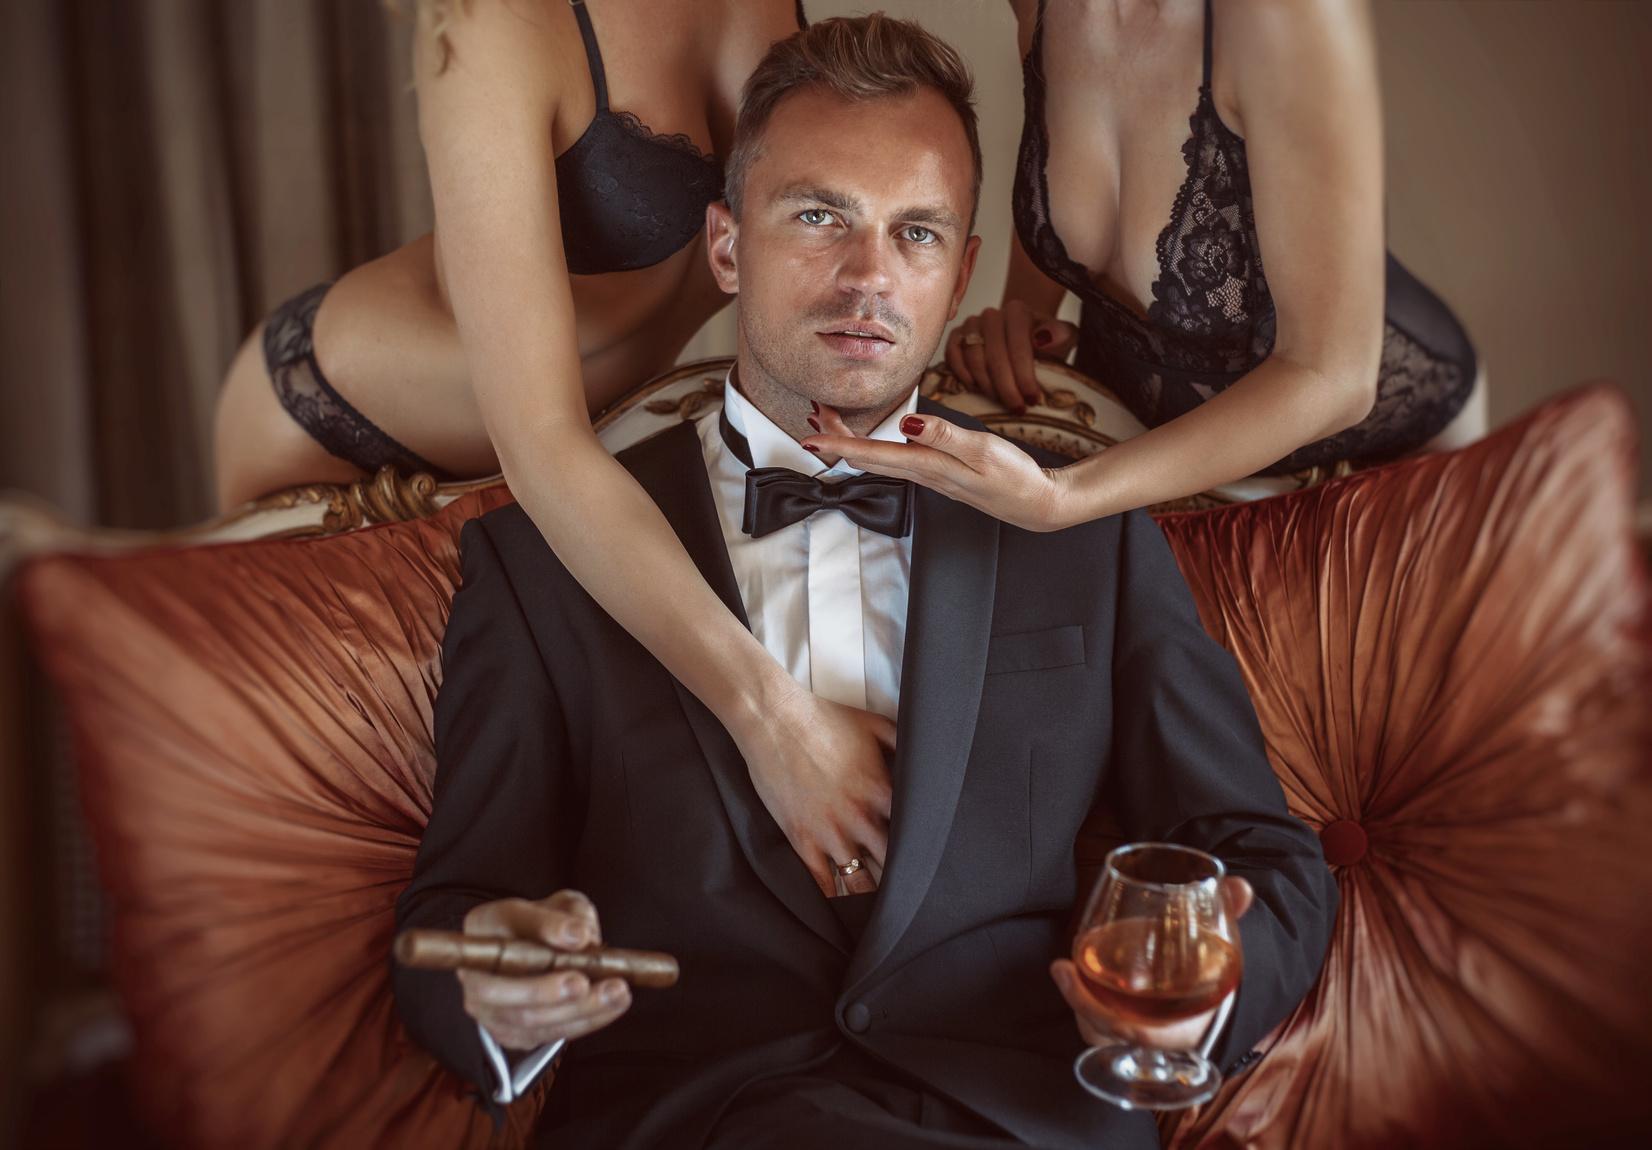 Women love rich men